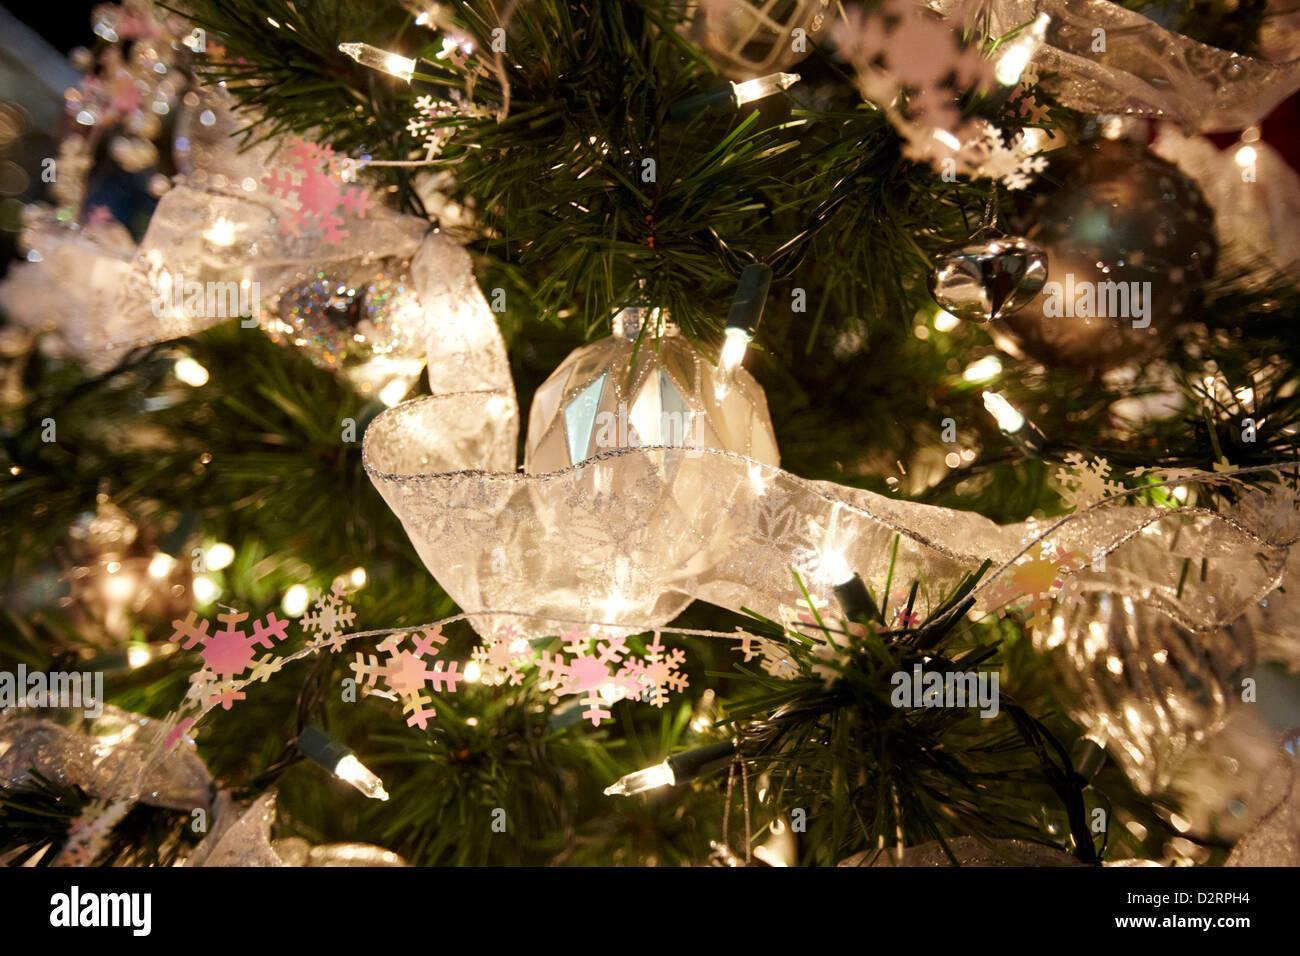 Weihnachtskugel und Dekorationen auf nordamerikanischen künstlicher Baum Stockbild